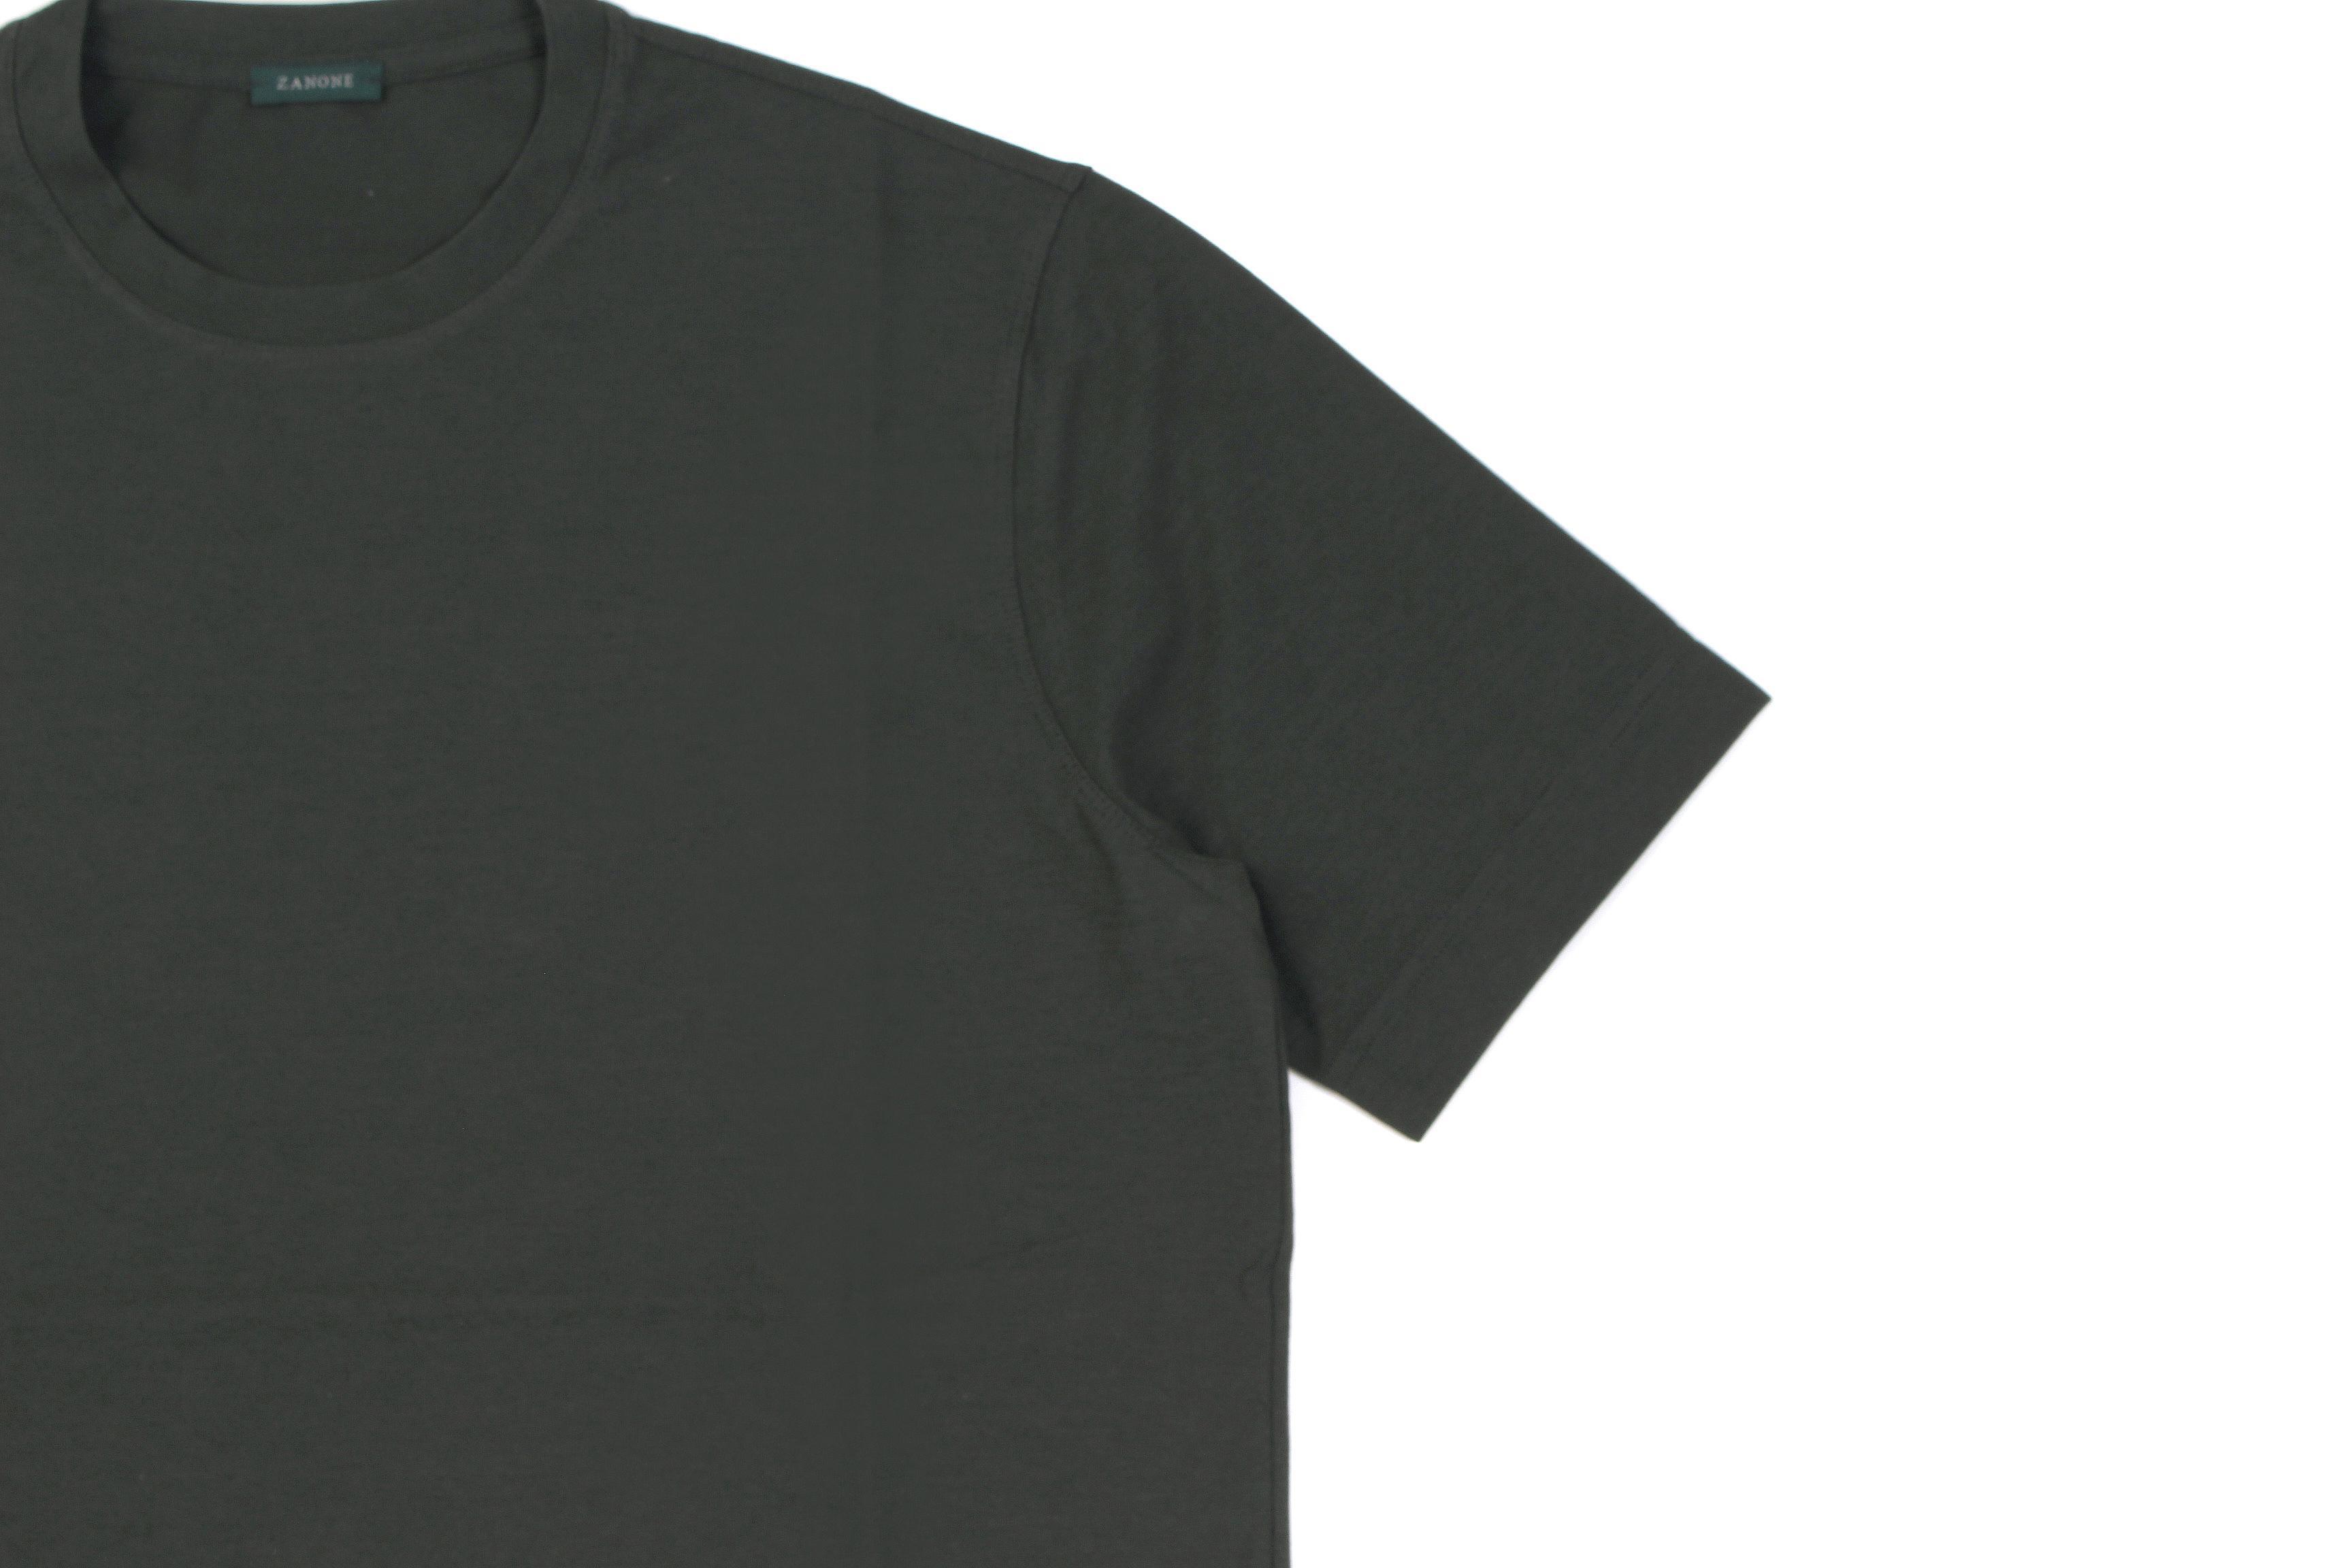 ZANONE(ザノーネ) Crew Neck T-shirt (クルーネックTシャツ) ice cotton アイスコットン Tシャツ OLIVE (オリーブ・Z0049) MADE IN ITALY(イタリア製) 2020 春夏 【ご予約開始】愛知 名古屋 altoediritto アルトエデリット tee 夏Tシャツ